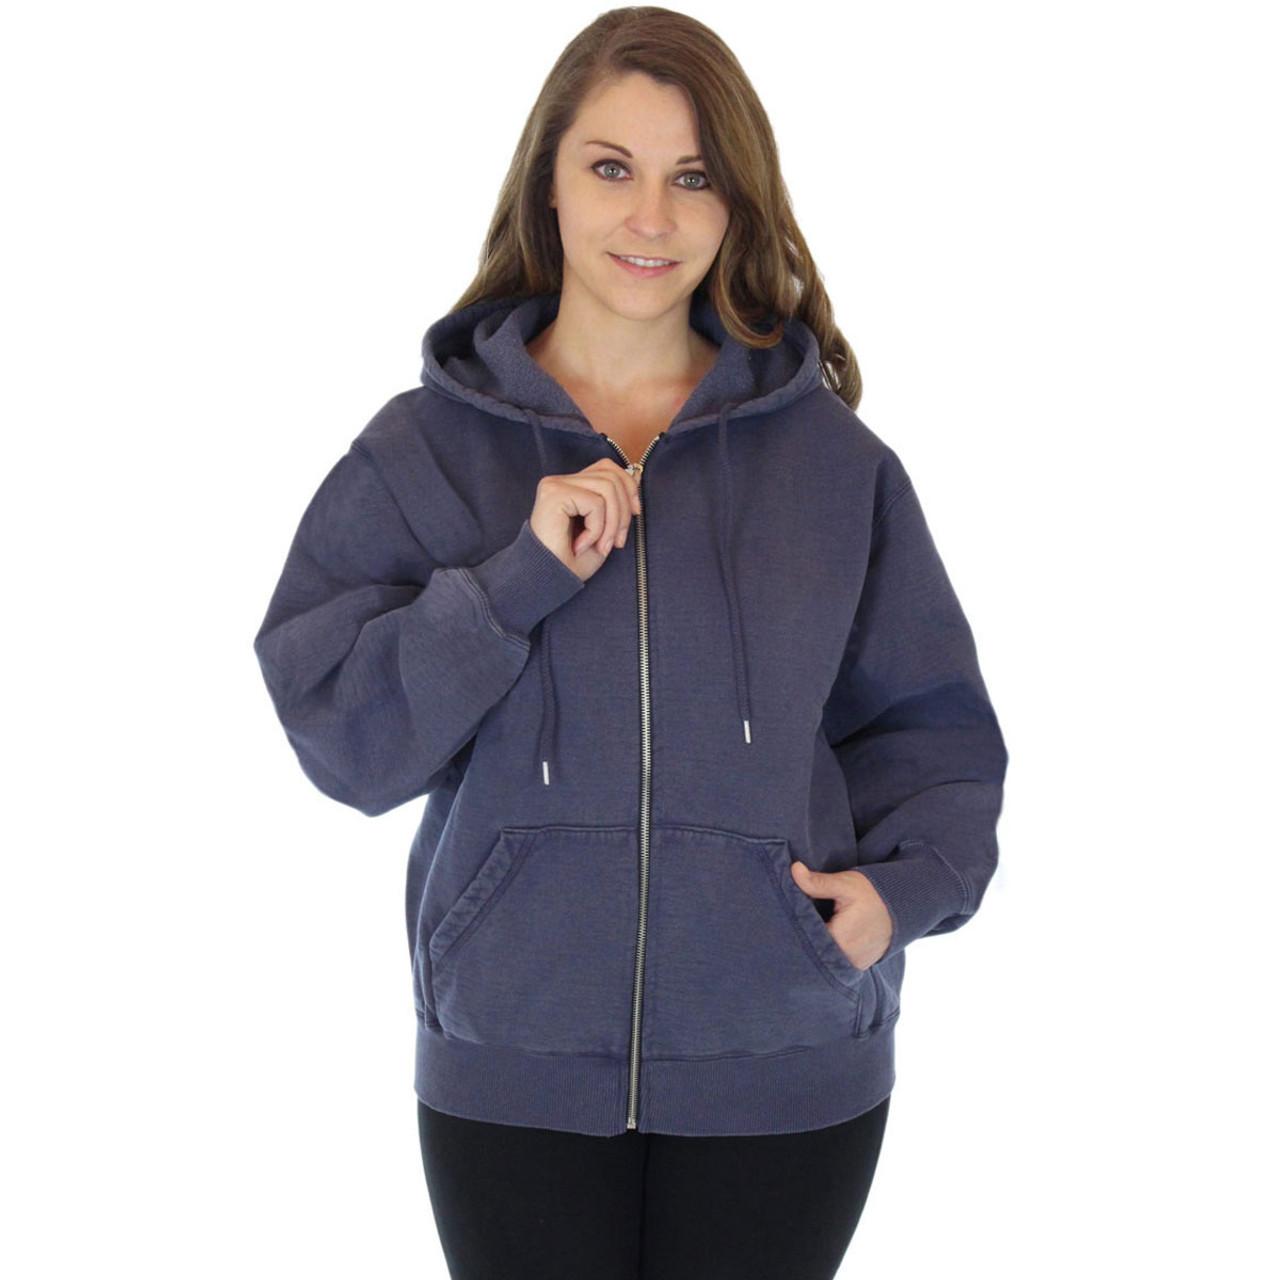 100% Heavy Cotton Womens Fleece Full Zip Hoodie Jacket